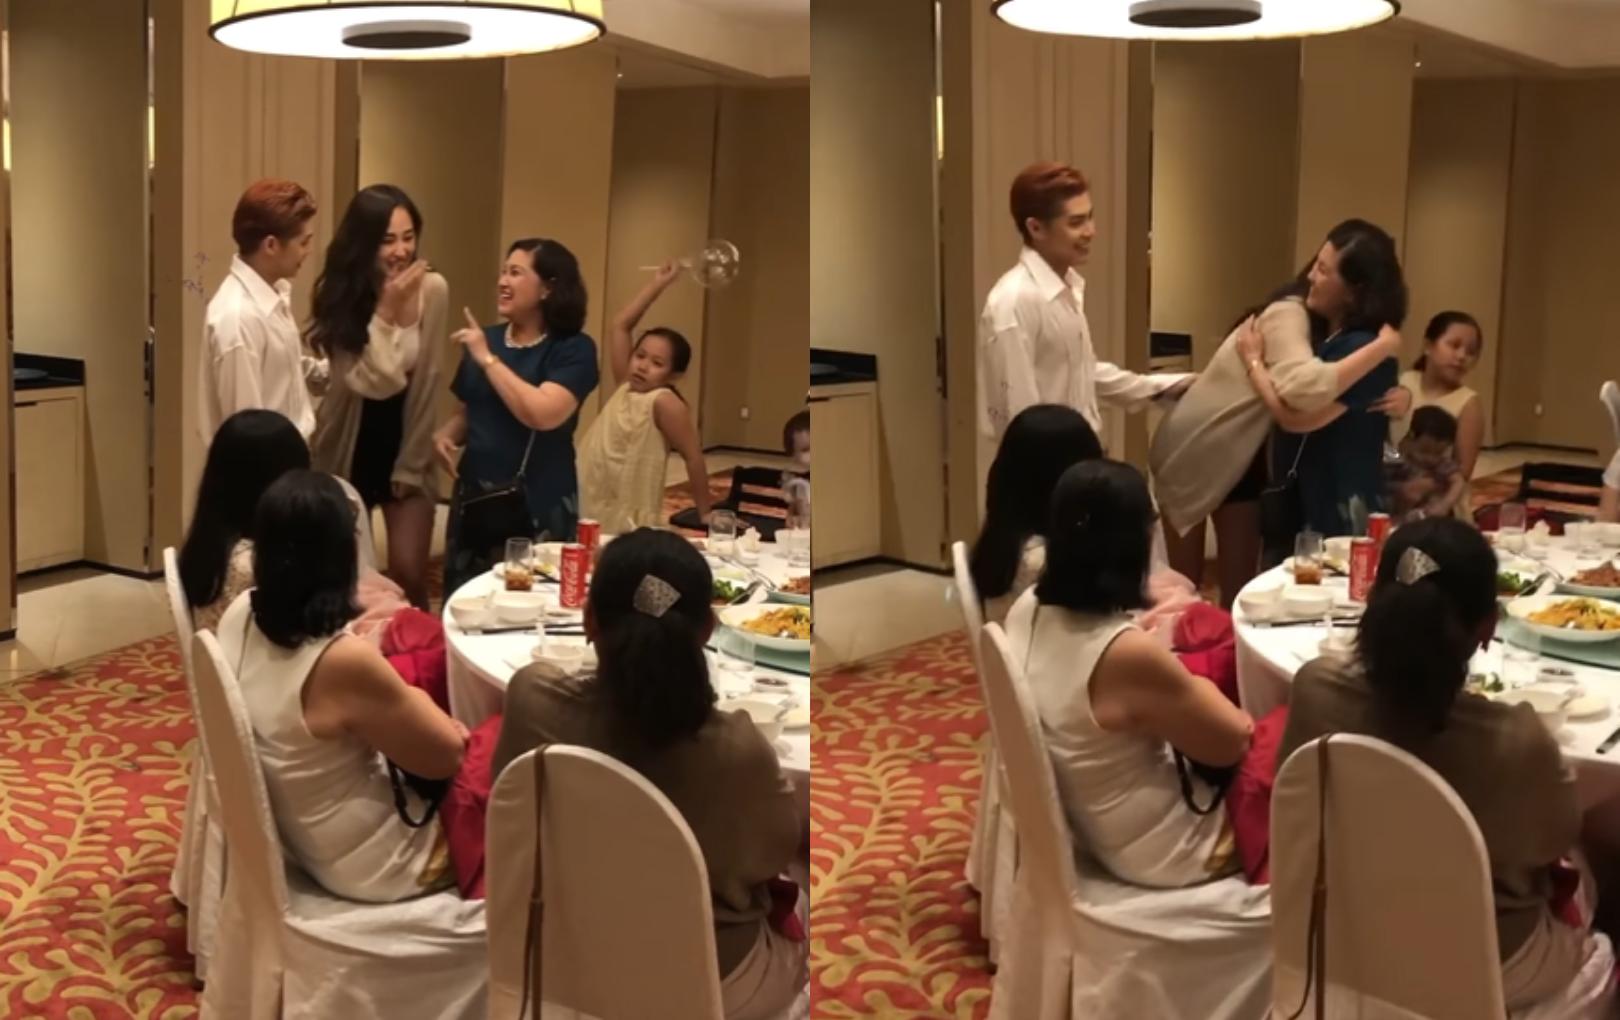 Mai Phương Thúy lễ phép cúi chào, nắm tay mẹ Noo Phước Thịnh đúng chuẩn dâu hiền